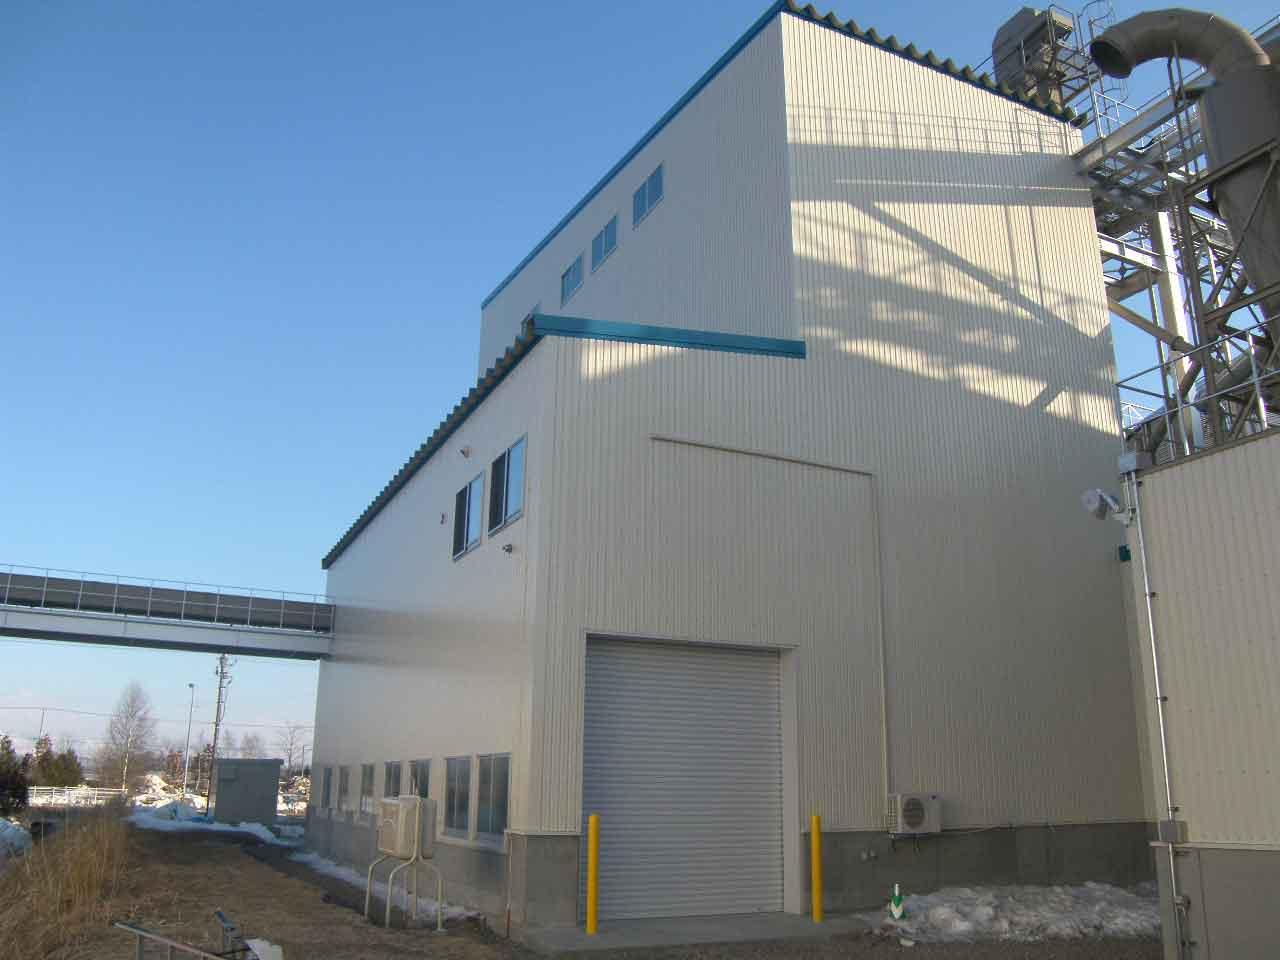 事業協同組合チホク会 農産物集出荷貯蔵施設(小麦調整貯蔵施設)新設工事